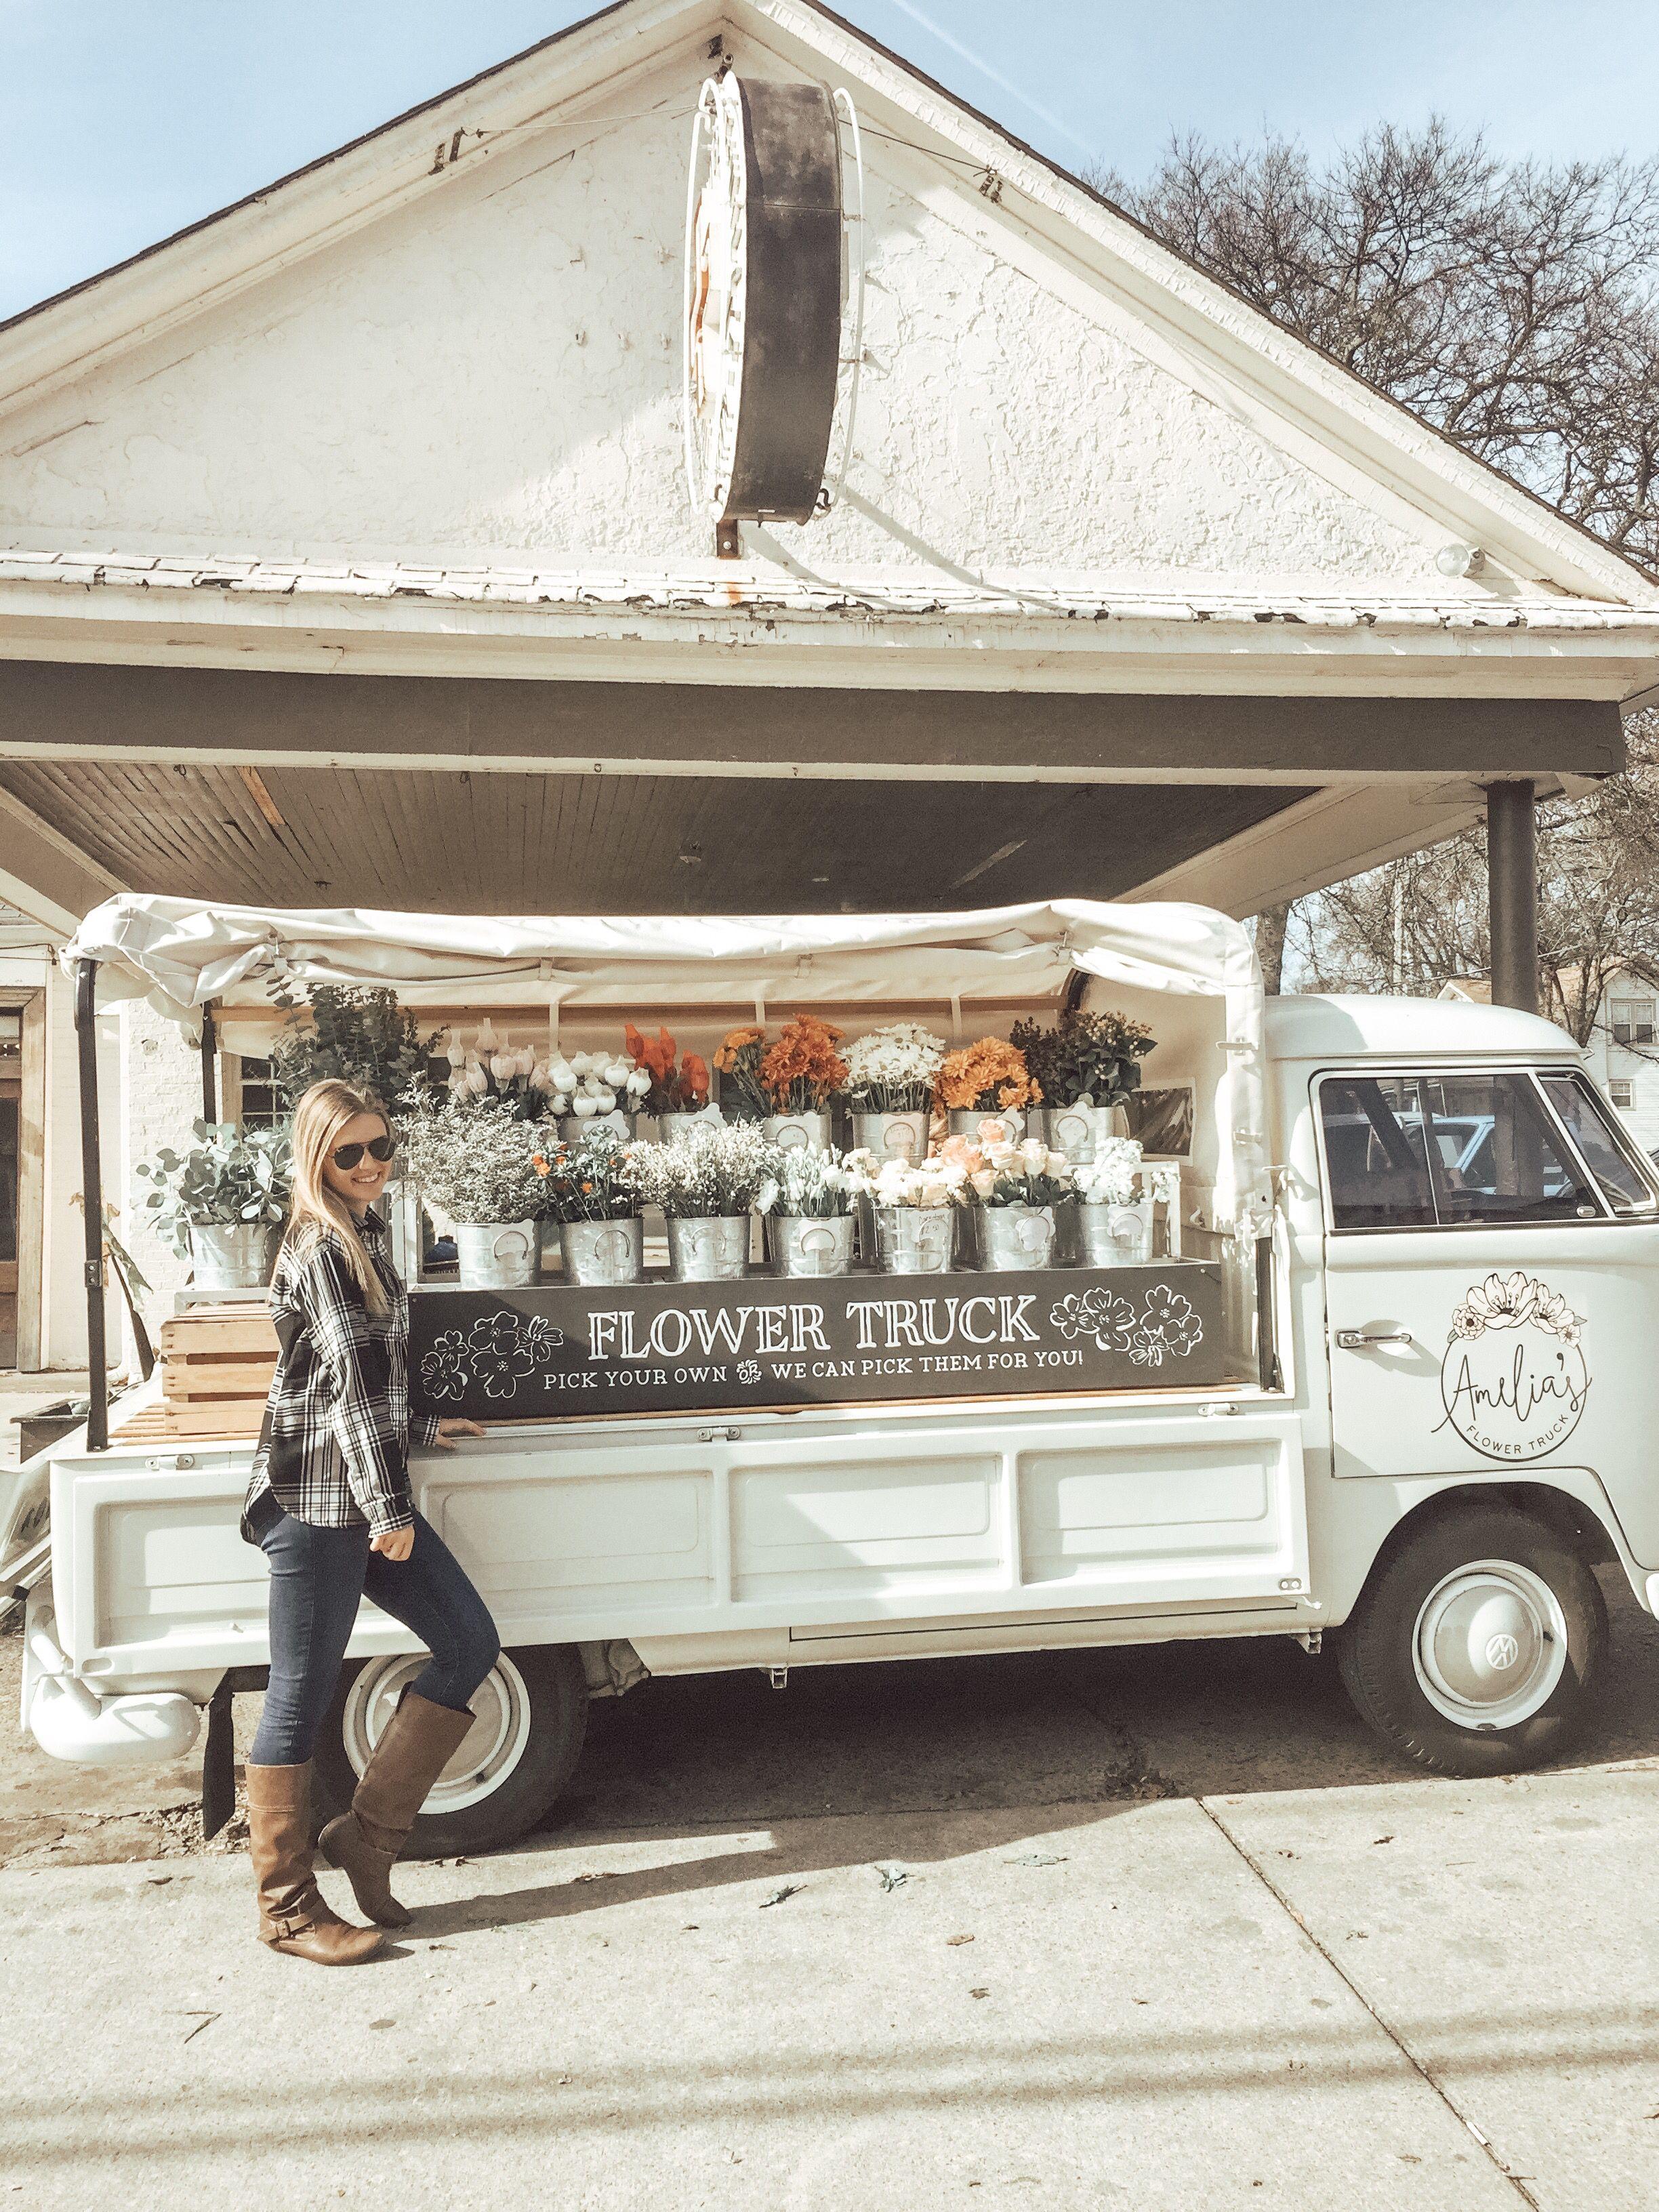 Amelias flower truck in nashville flower truck